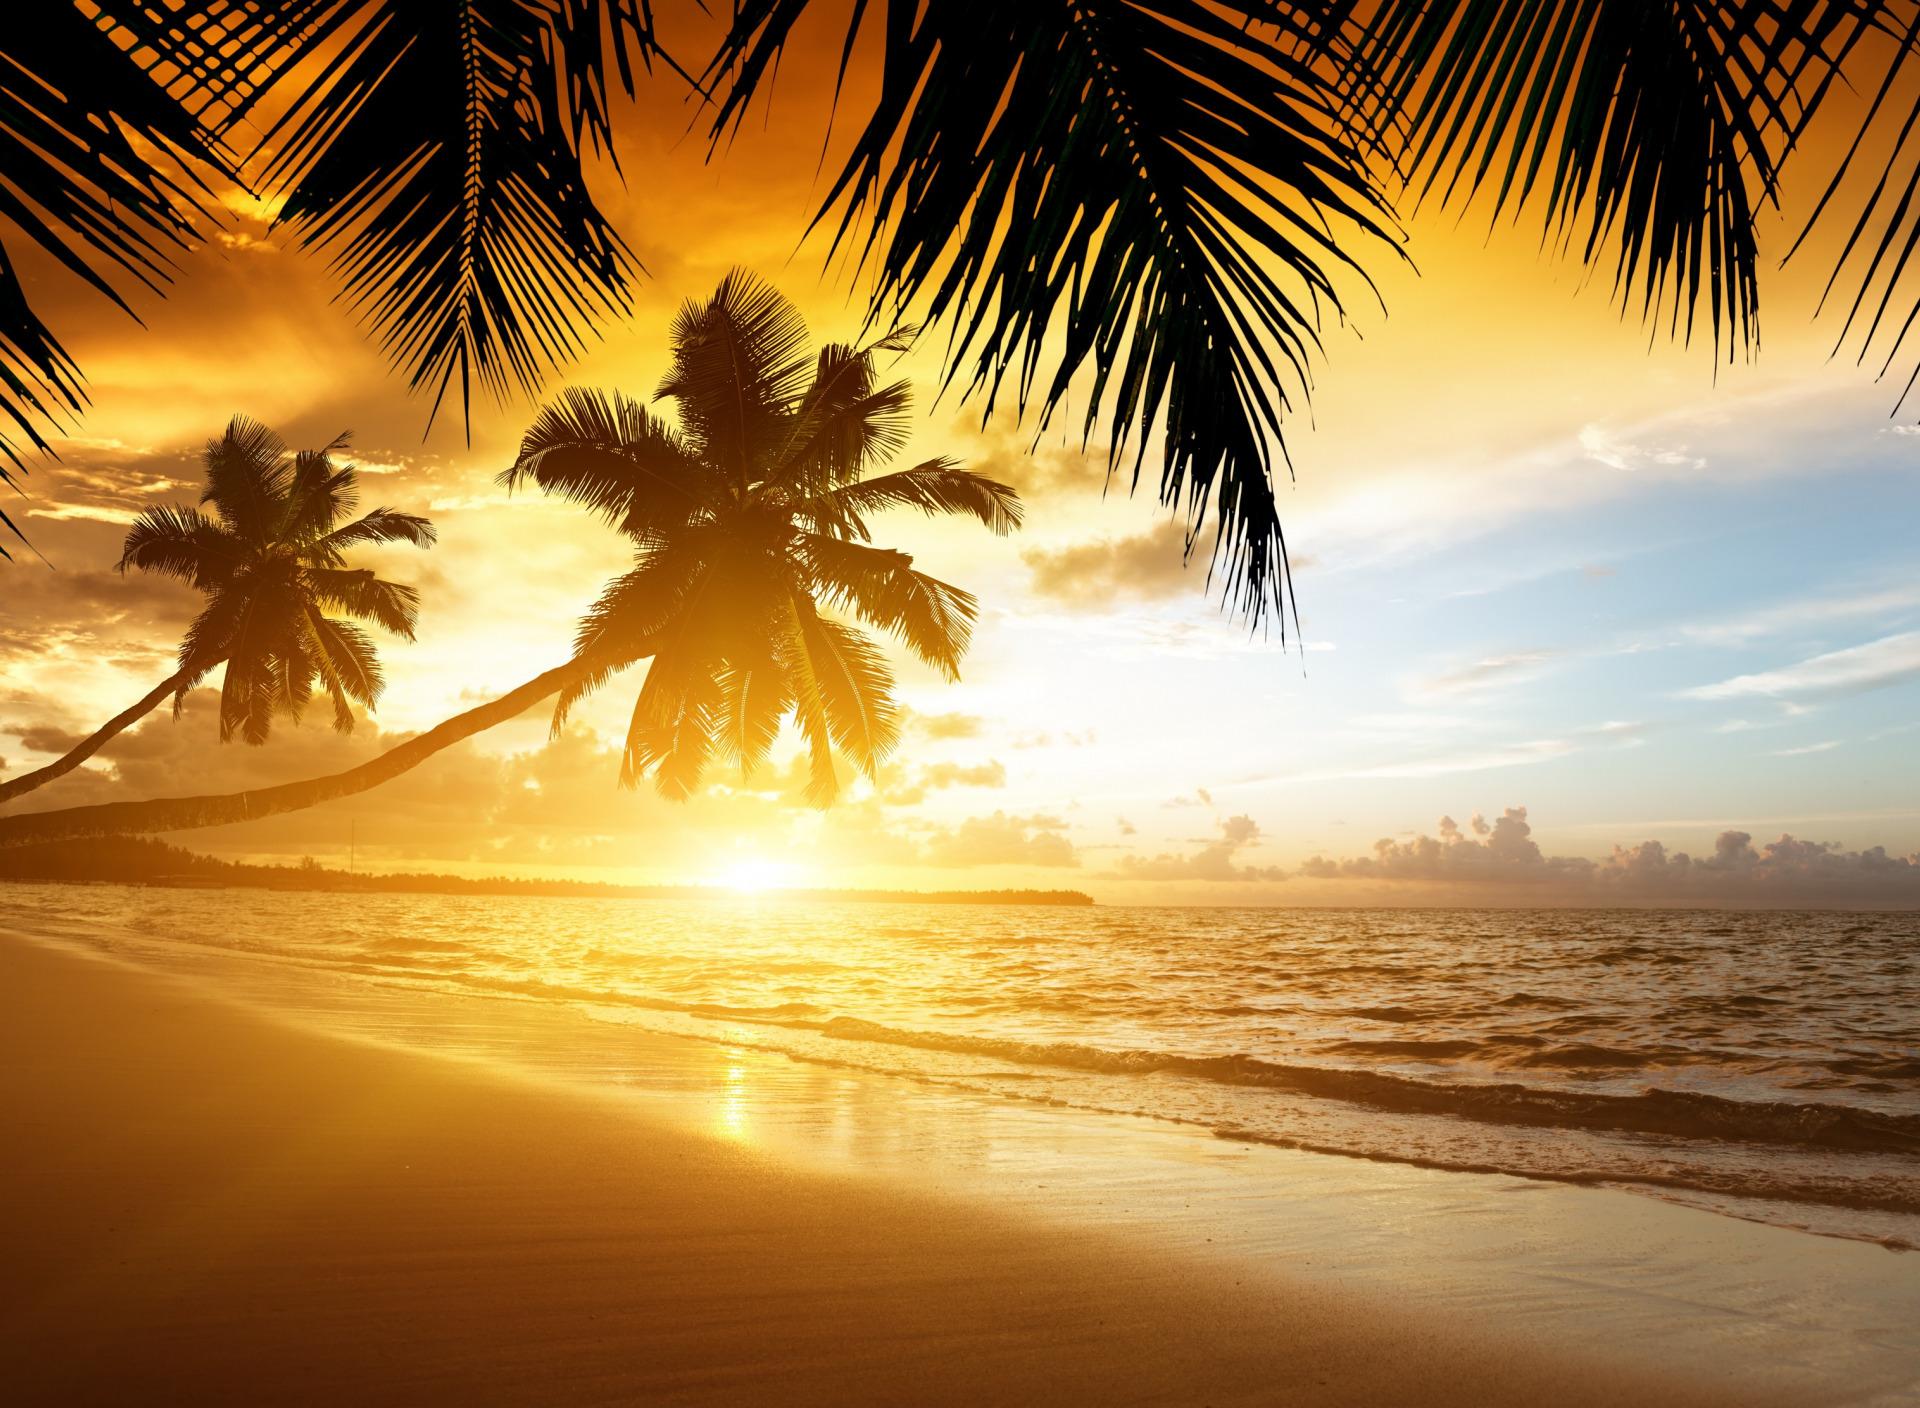 Отель пальма лазаревское фото подснежники весёлый